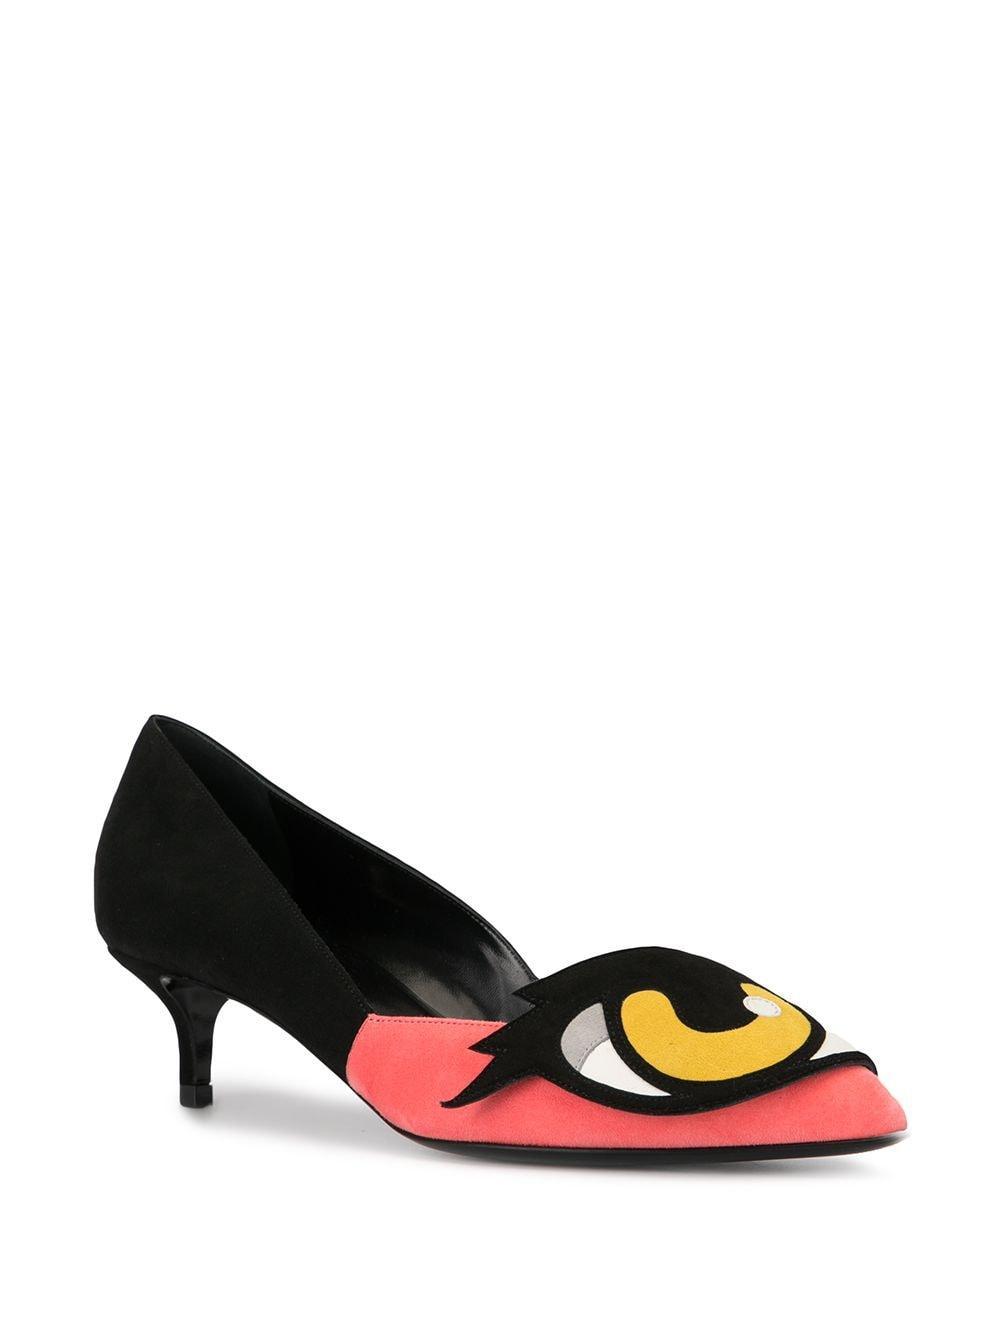 Zapatos de tacón Oh Roy Pierre Hardy de Cuero de color Negro